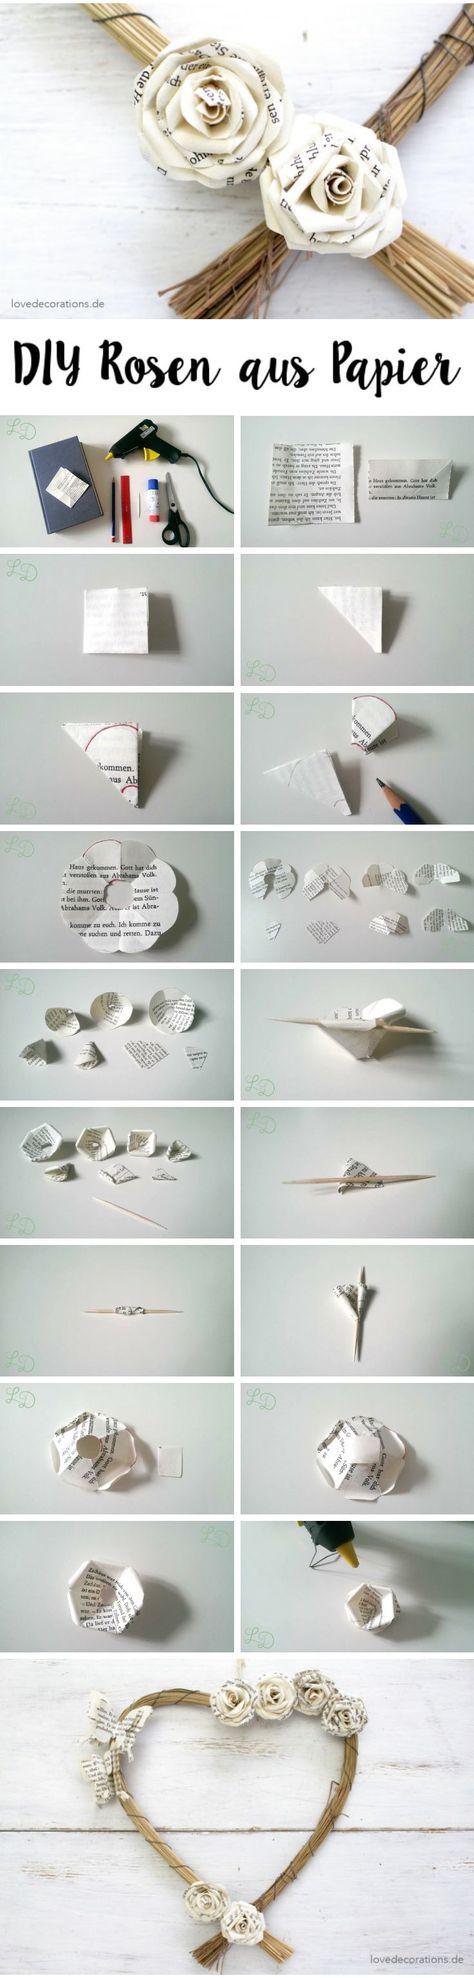 DIY Rosen aus Papier //  DIY Roses made of Paper